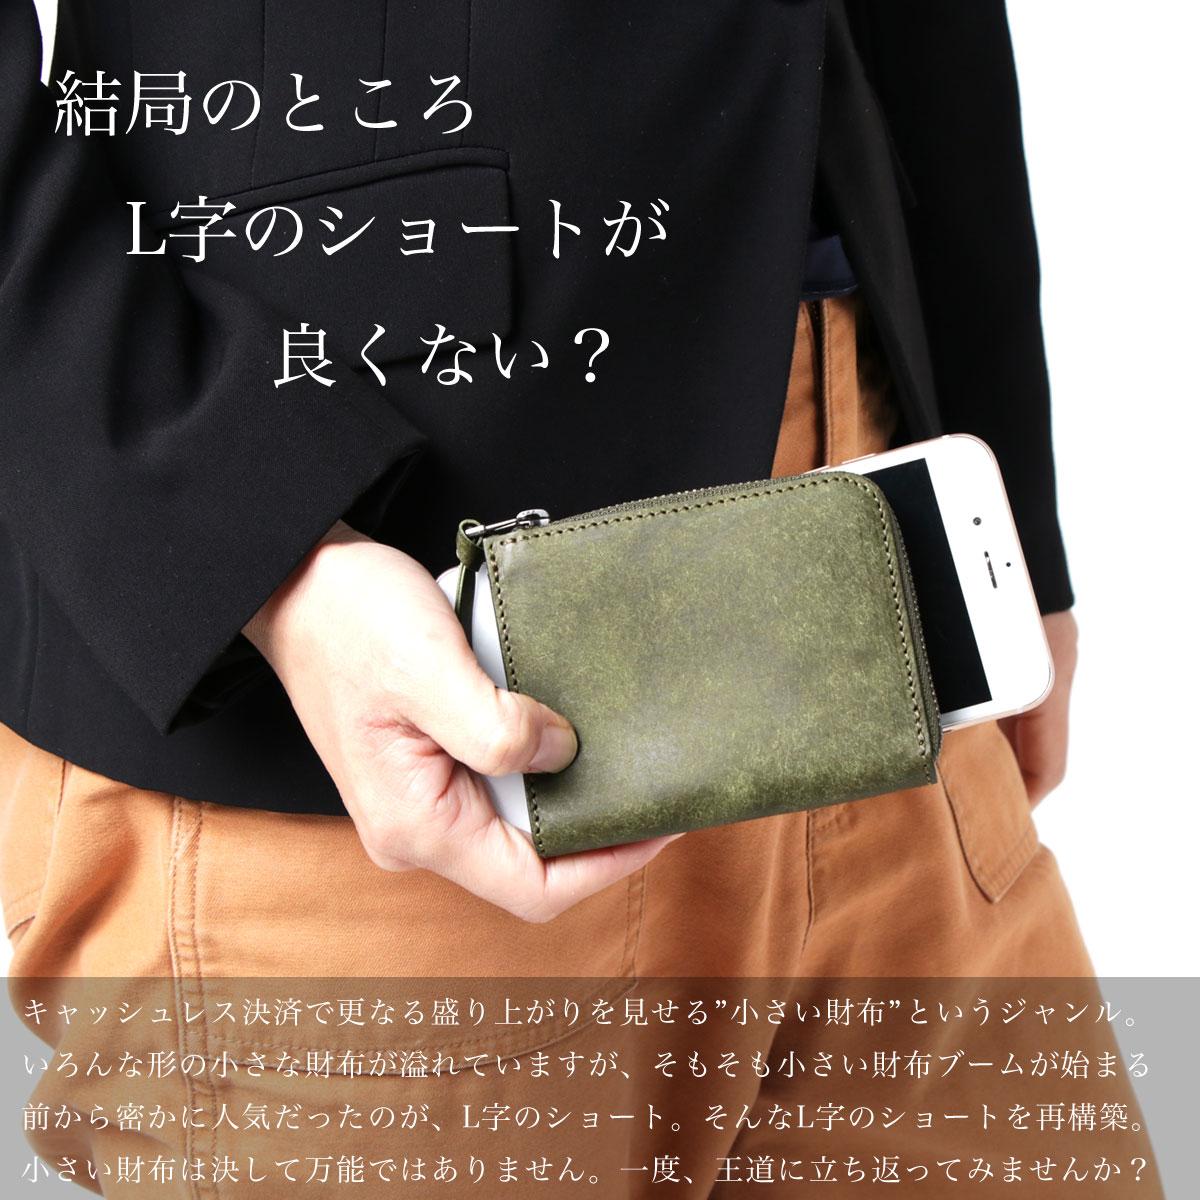 KAKUMEI カクメイ L字のショート L字ファスナー 小さい財布 ミニ財布 極小財布 日本製 本革 プエブロ イタリアンレザー PUEBLO フルレザー  革命